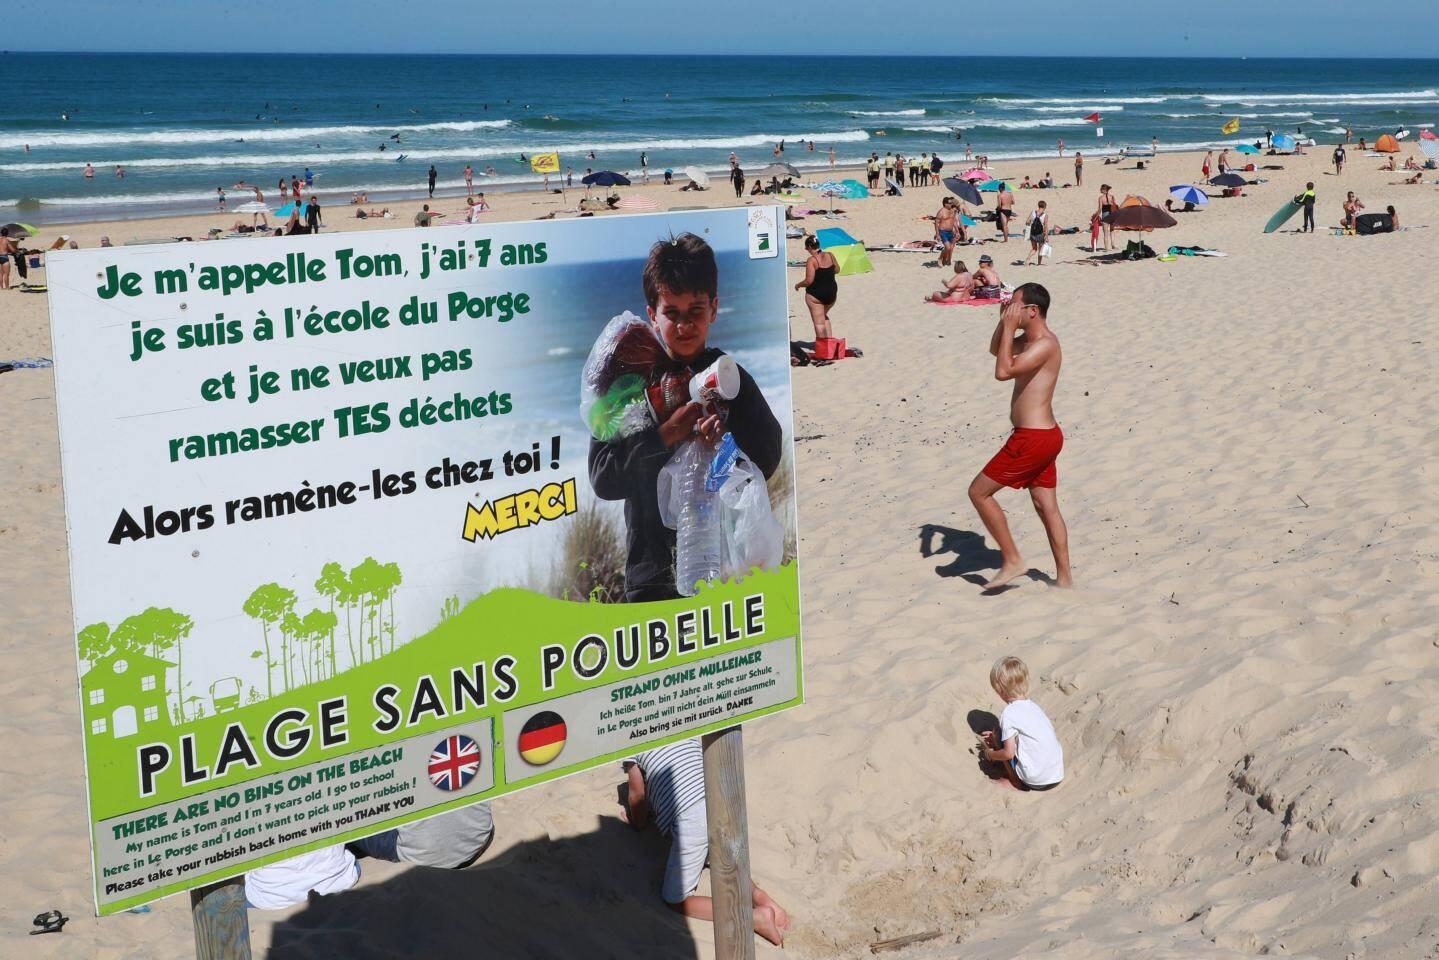 Depuis 2014 la commune de Le Porge a pris l'initiative de ne plus mettre de poubelles sur la plage afin que chaque citoyen ramène ses déchets.